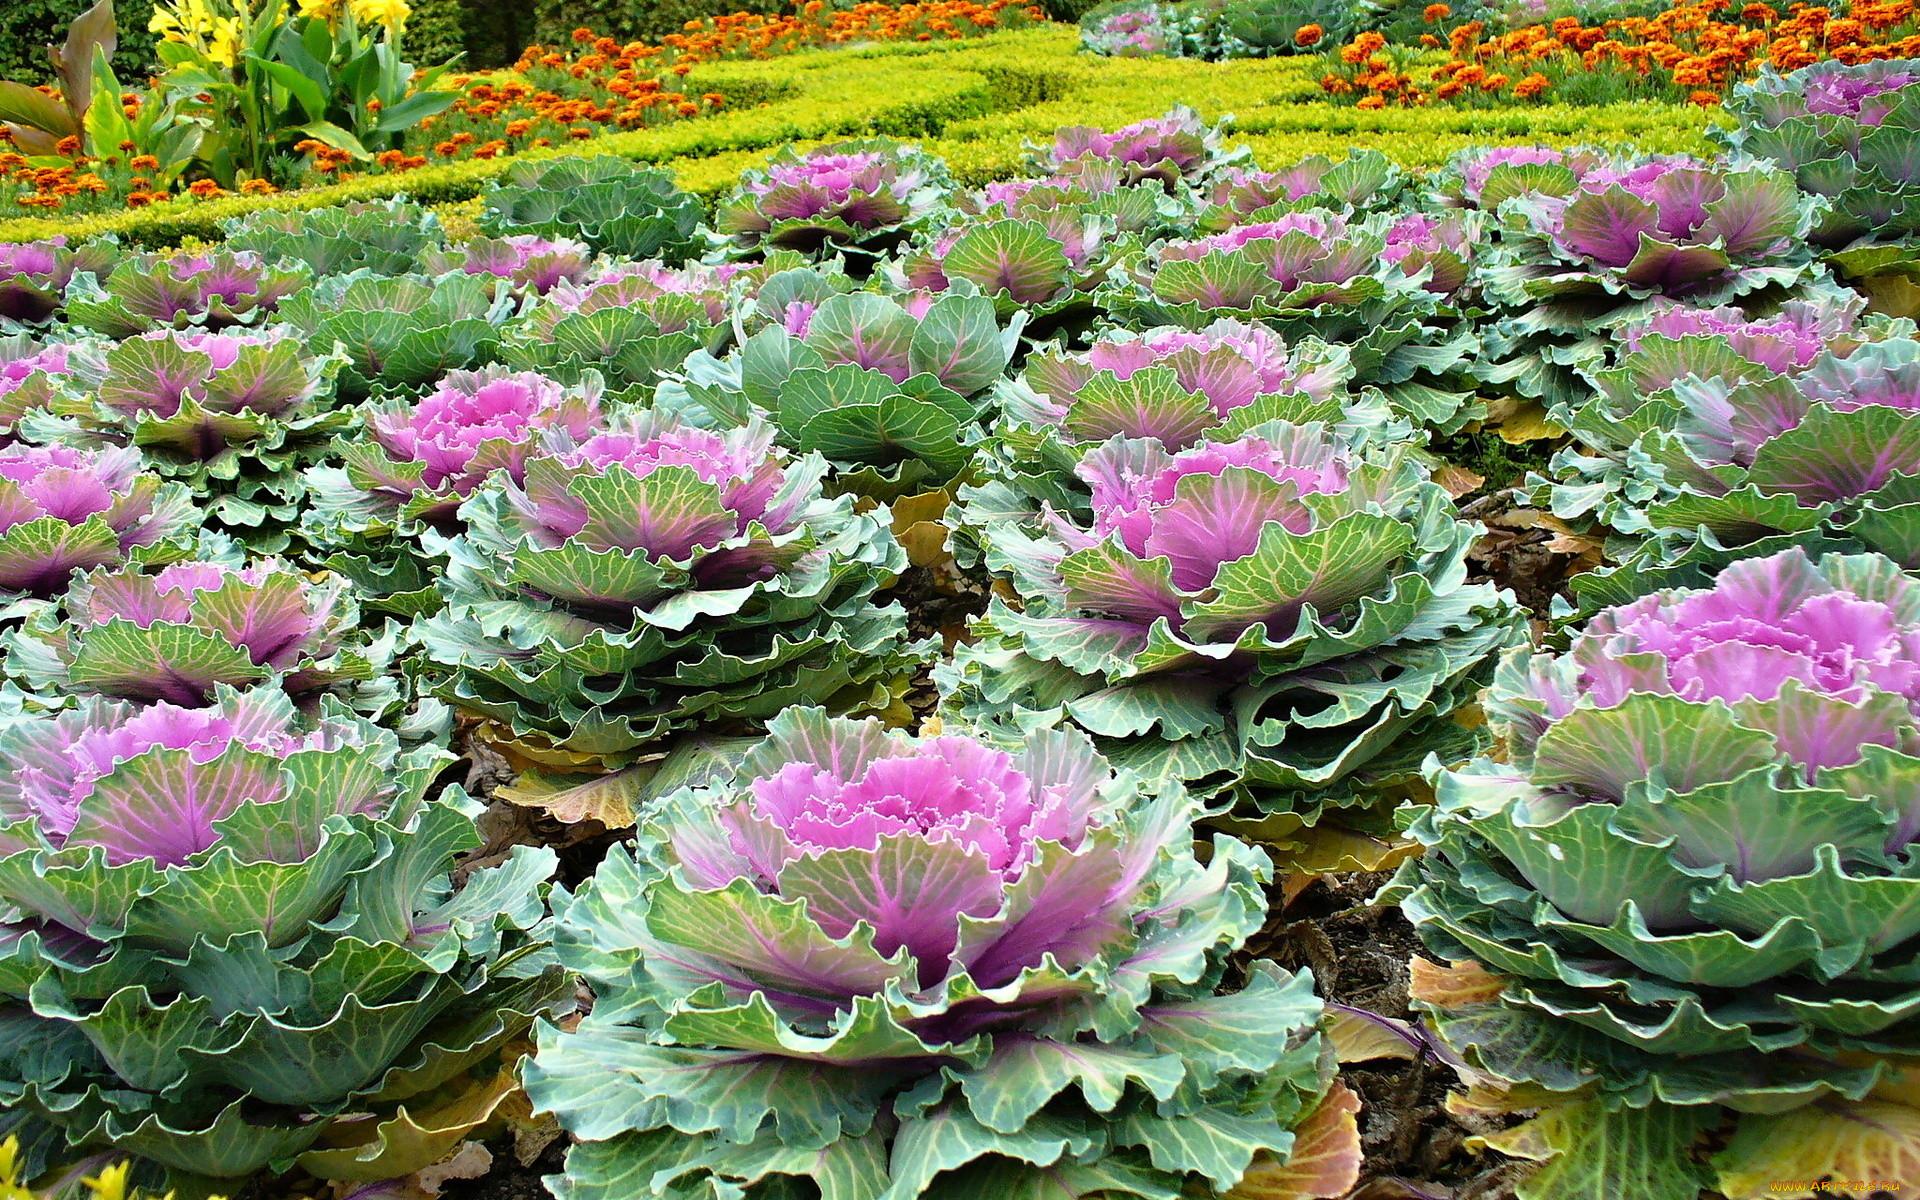 цветы зеленого цвета в саду фото создают основе исторических